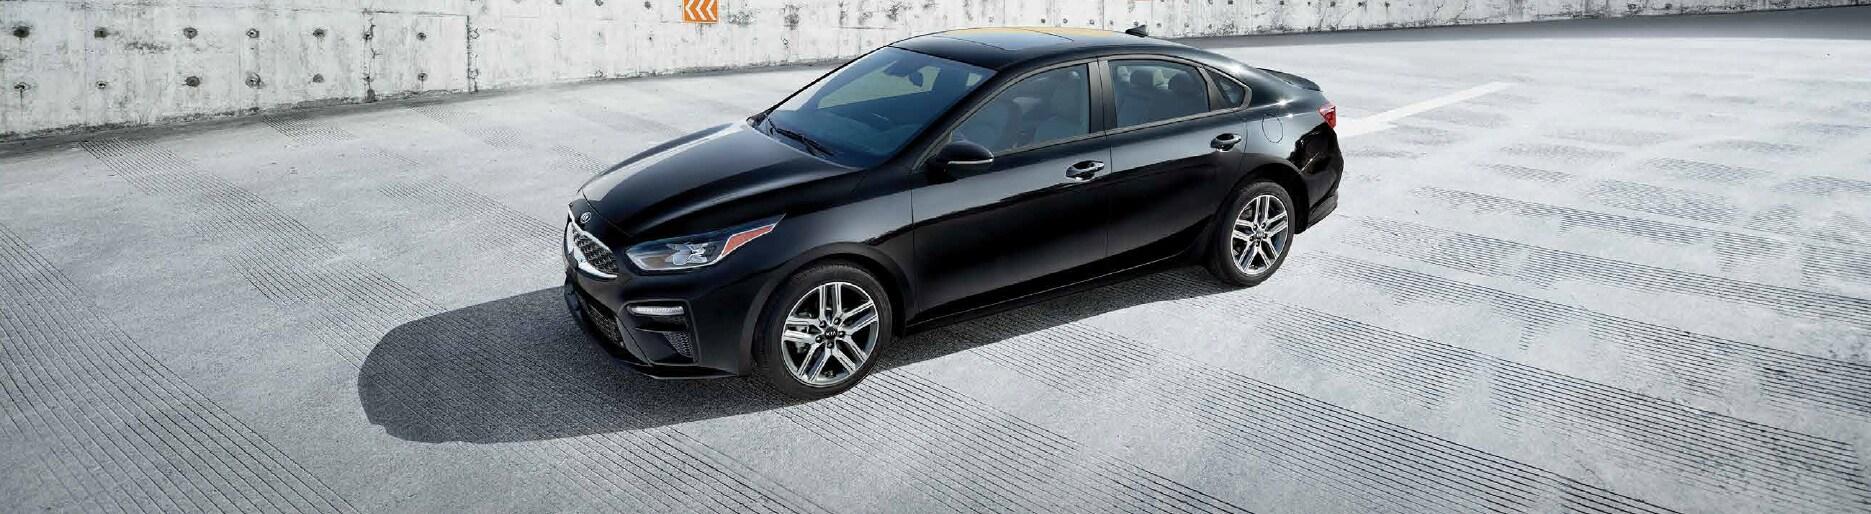 Honda Dealers Cincinnati >> New & Used Car Dealers in Cincinnati | Acura, Honda ...